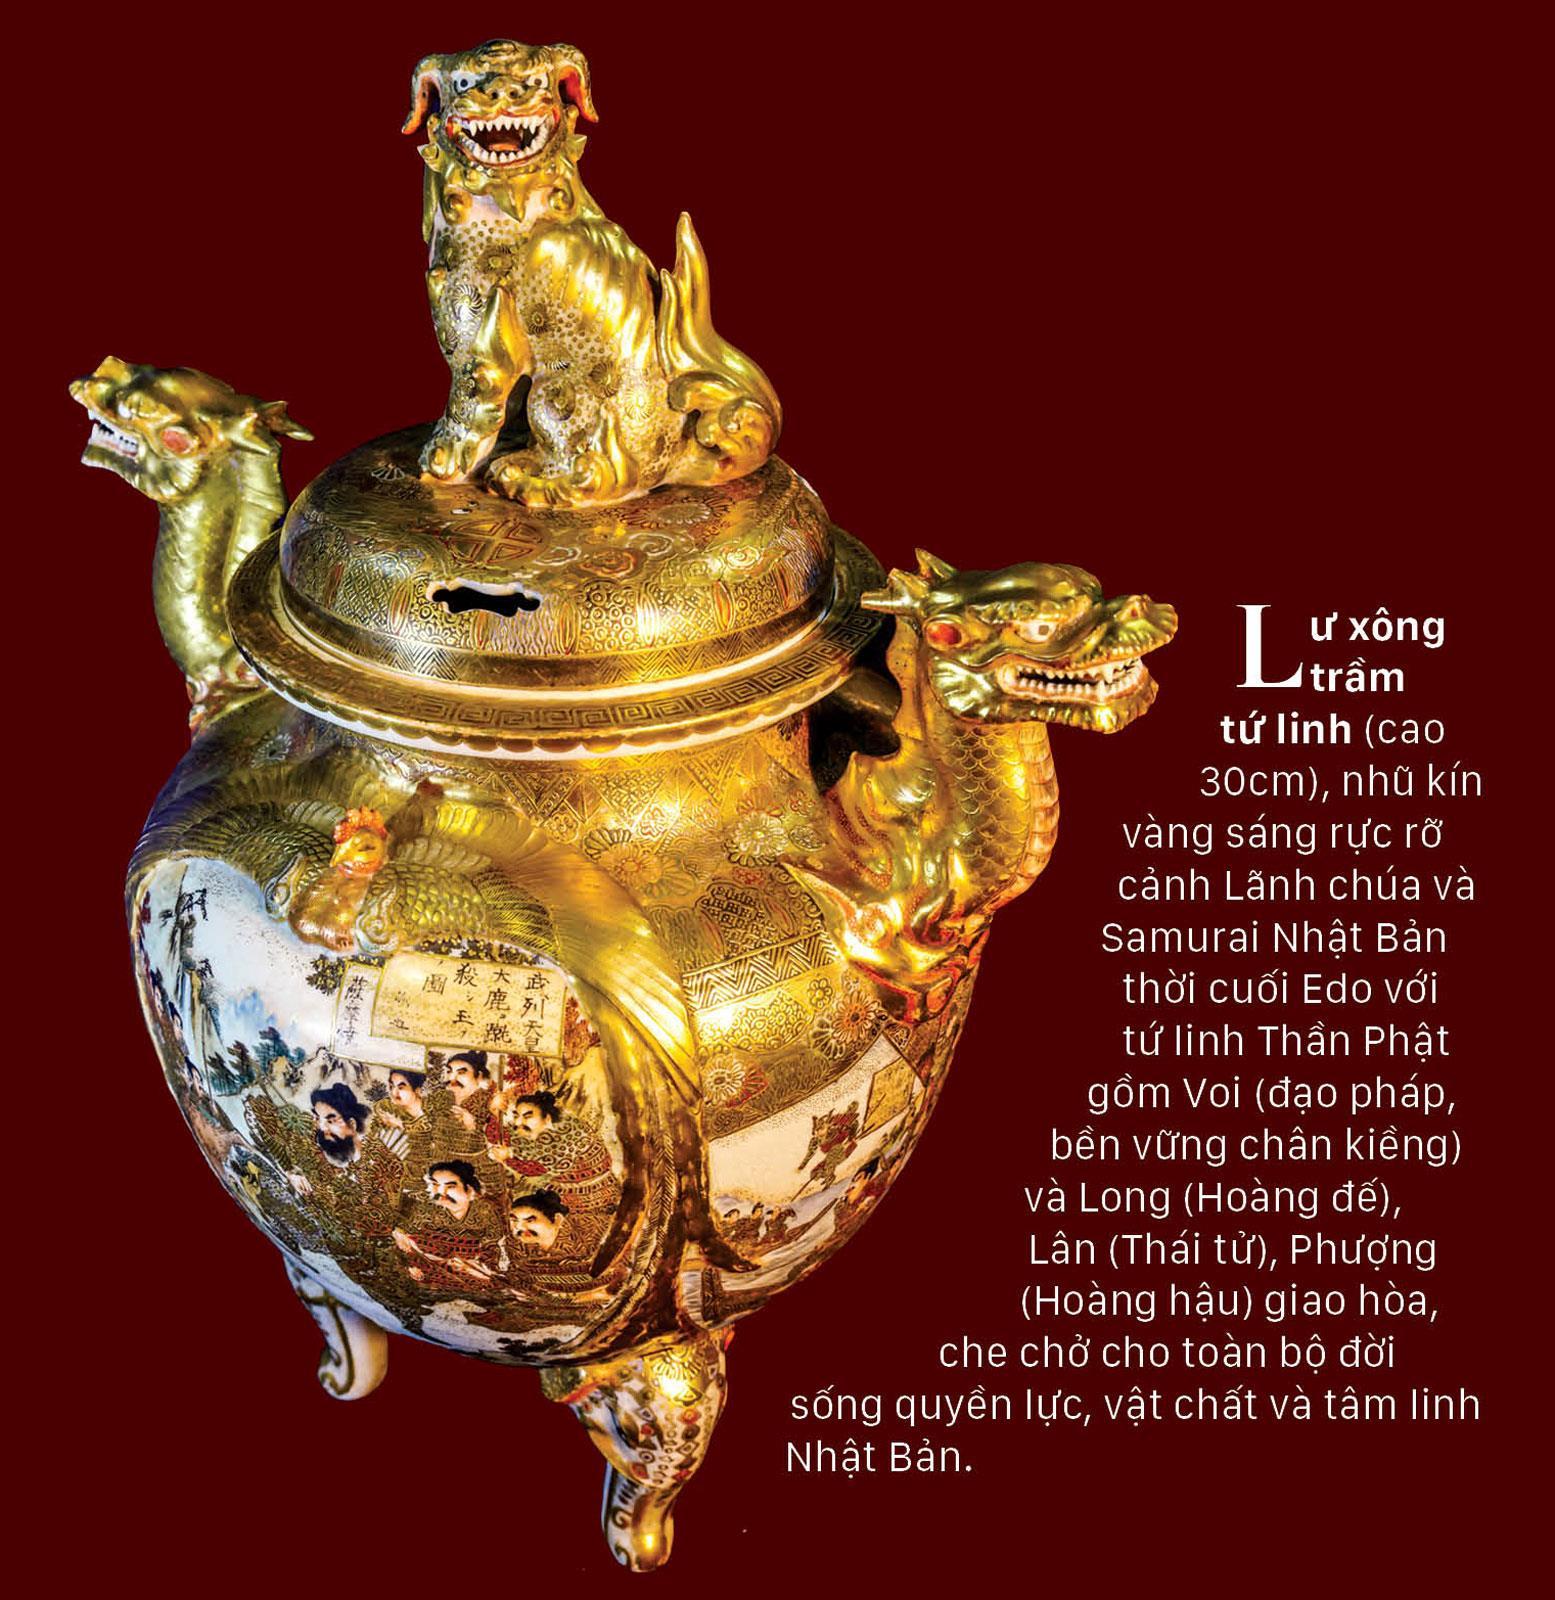 Rồng - Phượng trên bảo vật gốm cổ ảnh 6